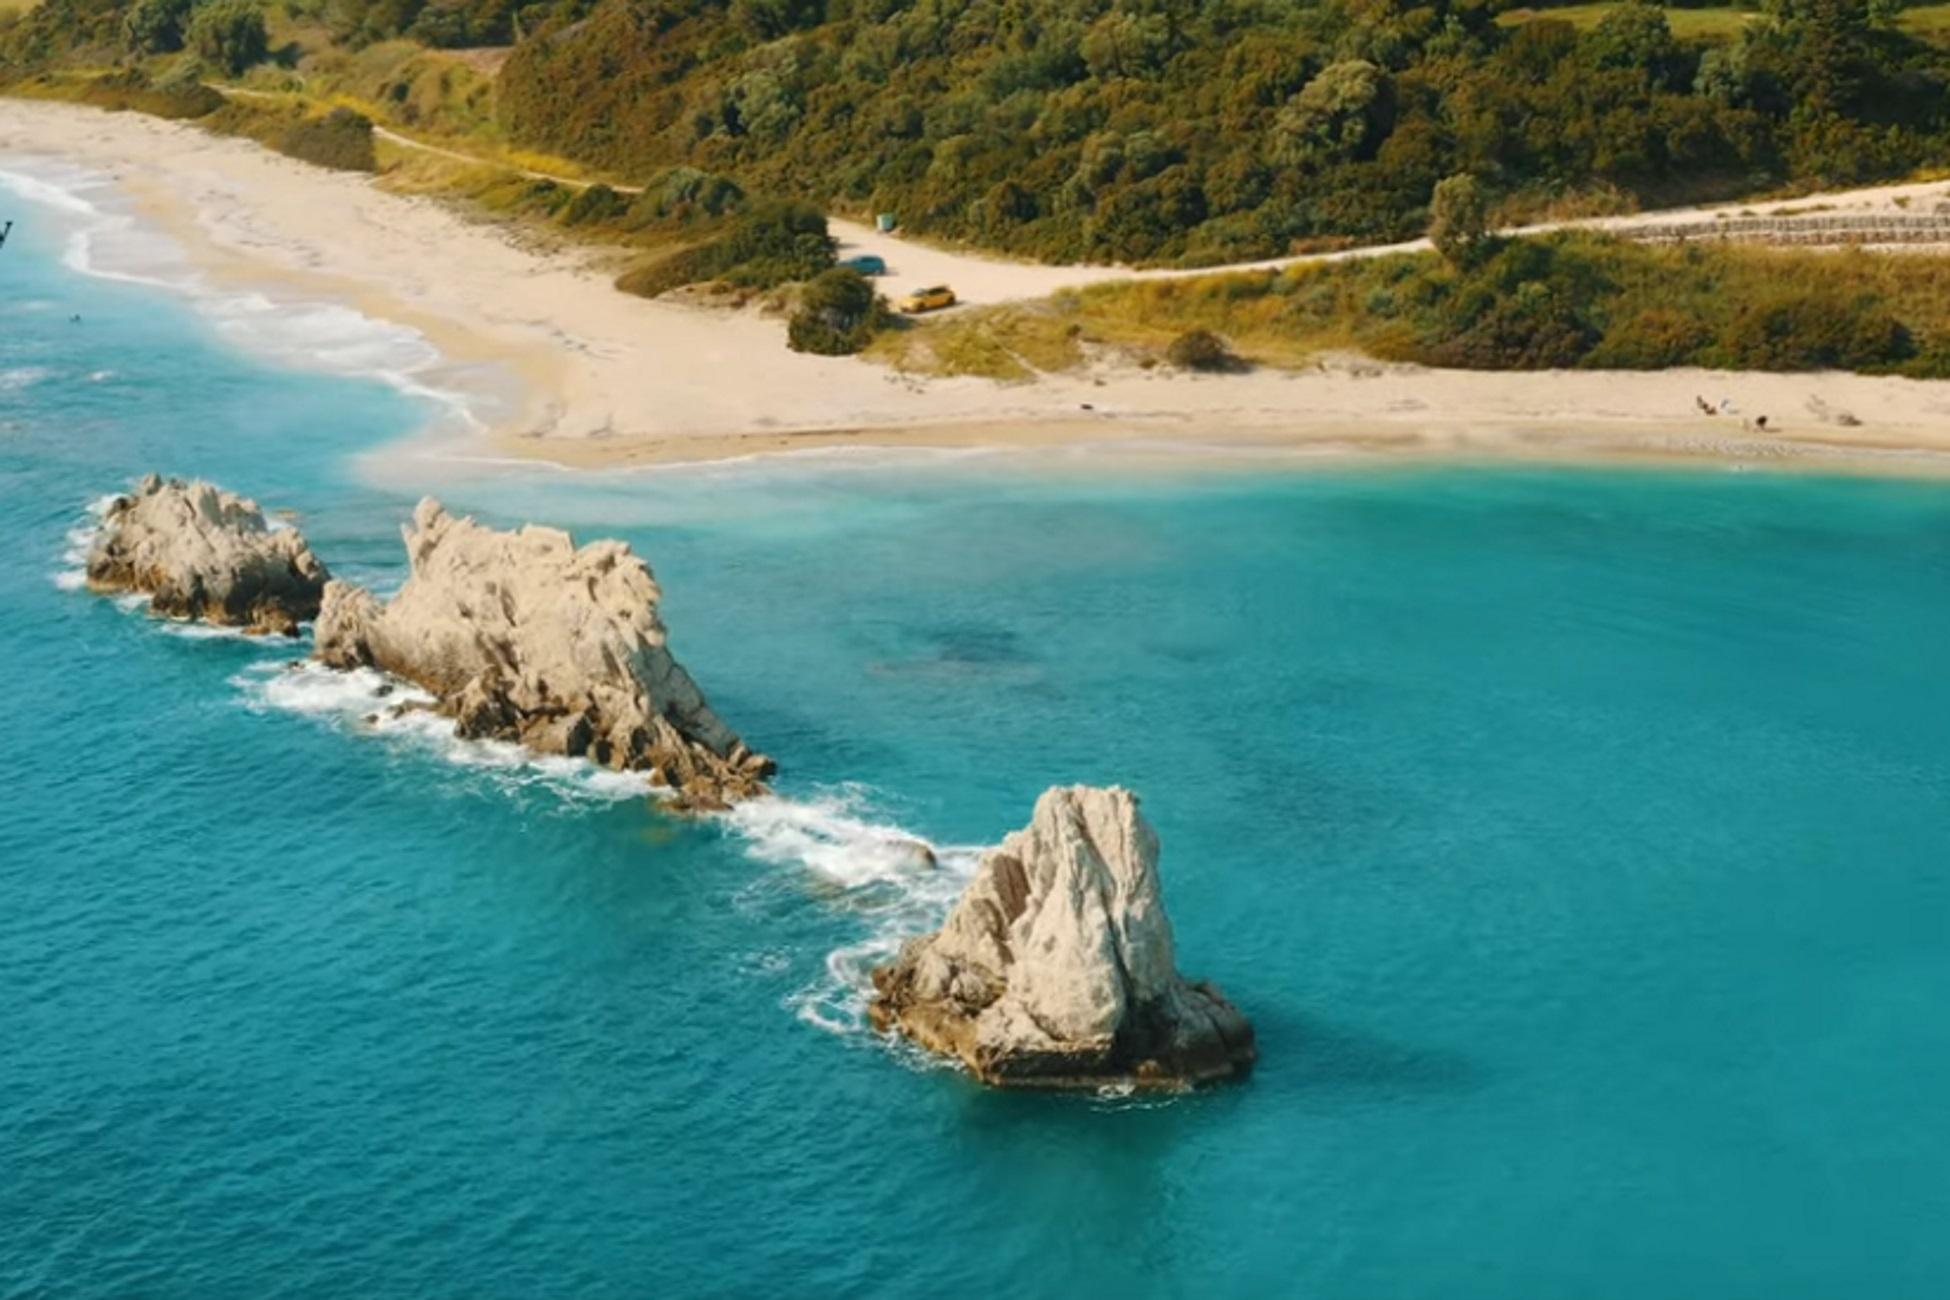 Αρτολίθια: Η εκπληκτική παραλία που είναι πάντα «λάδι» – Δείτε πως μπορείτε να φτάσετε εκεί